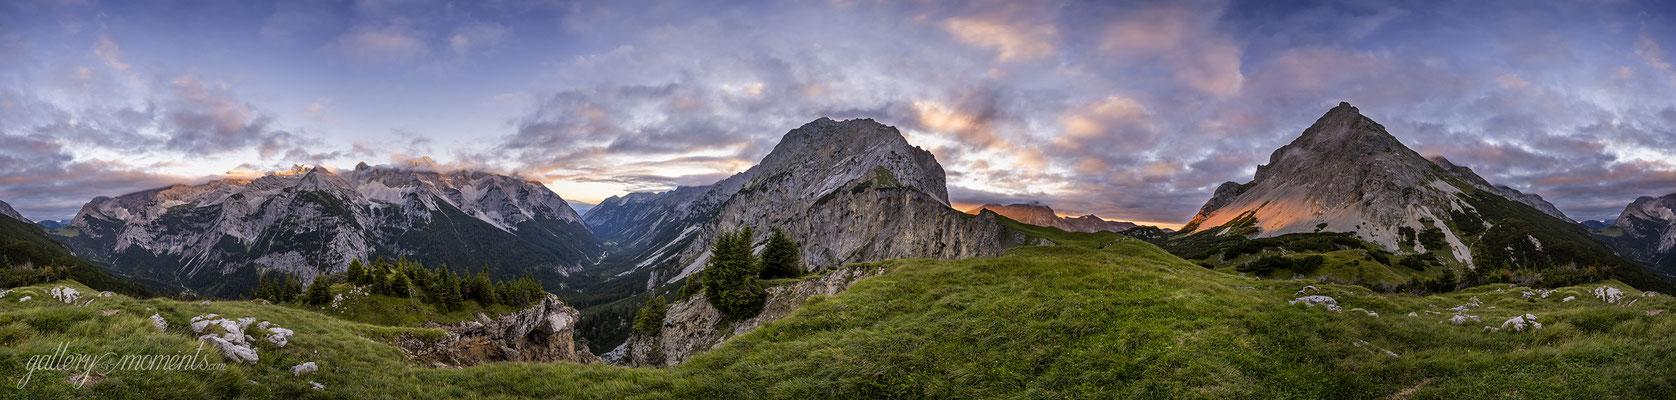 Sonnenuntergang mitten im Karwendel / Tirol (Bildnummer Z702408)